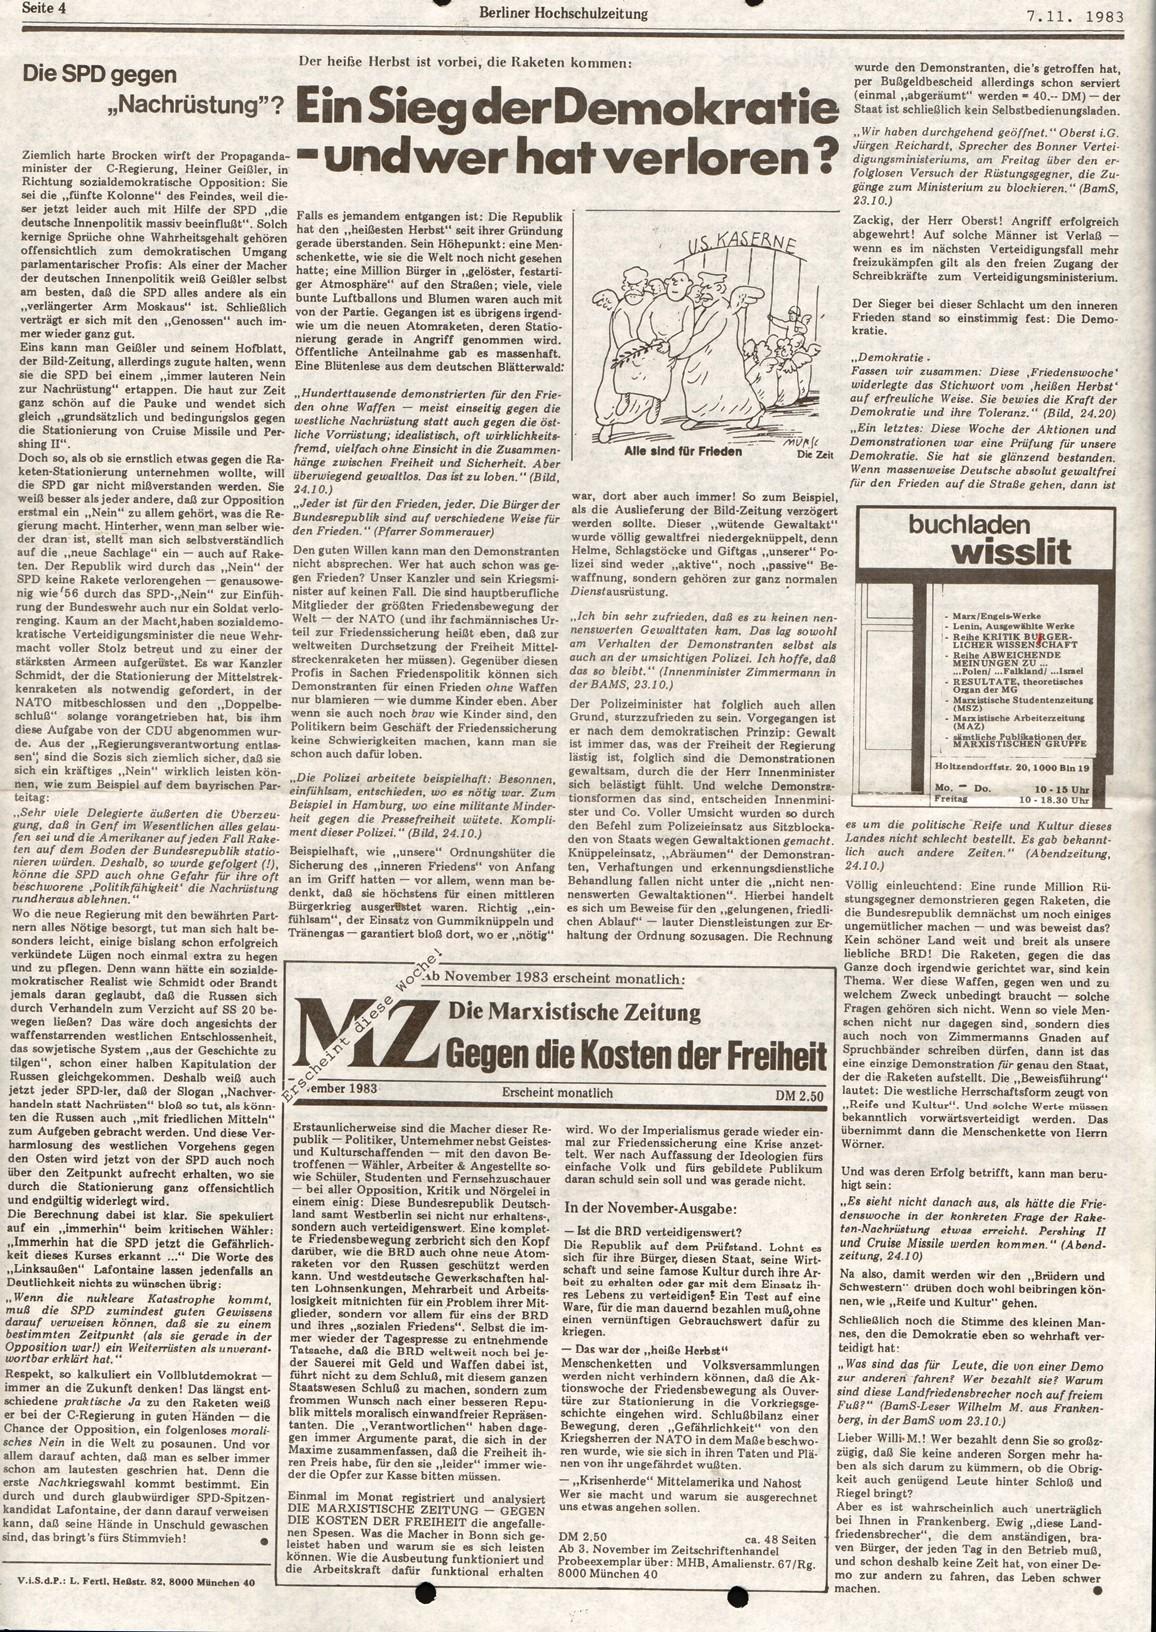 Berlin_MG_Hochschulzeitung_19831107_04